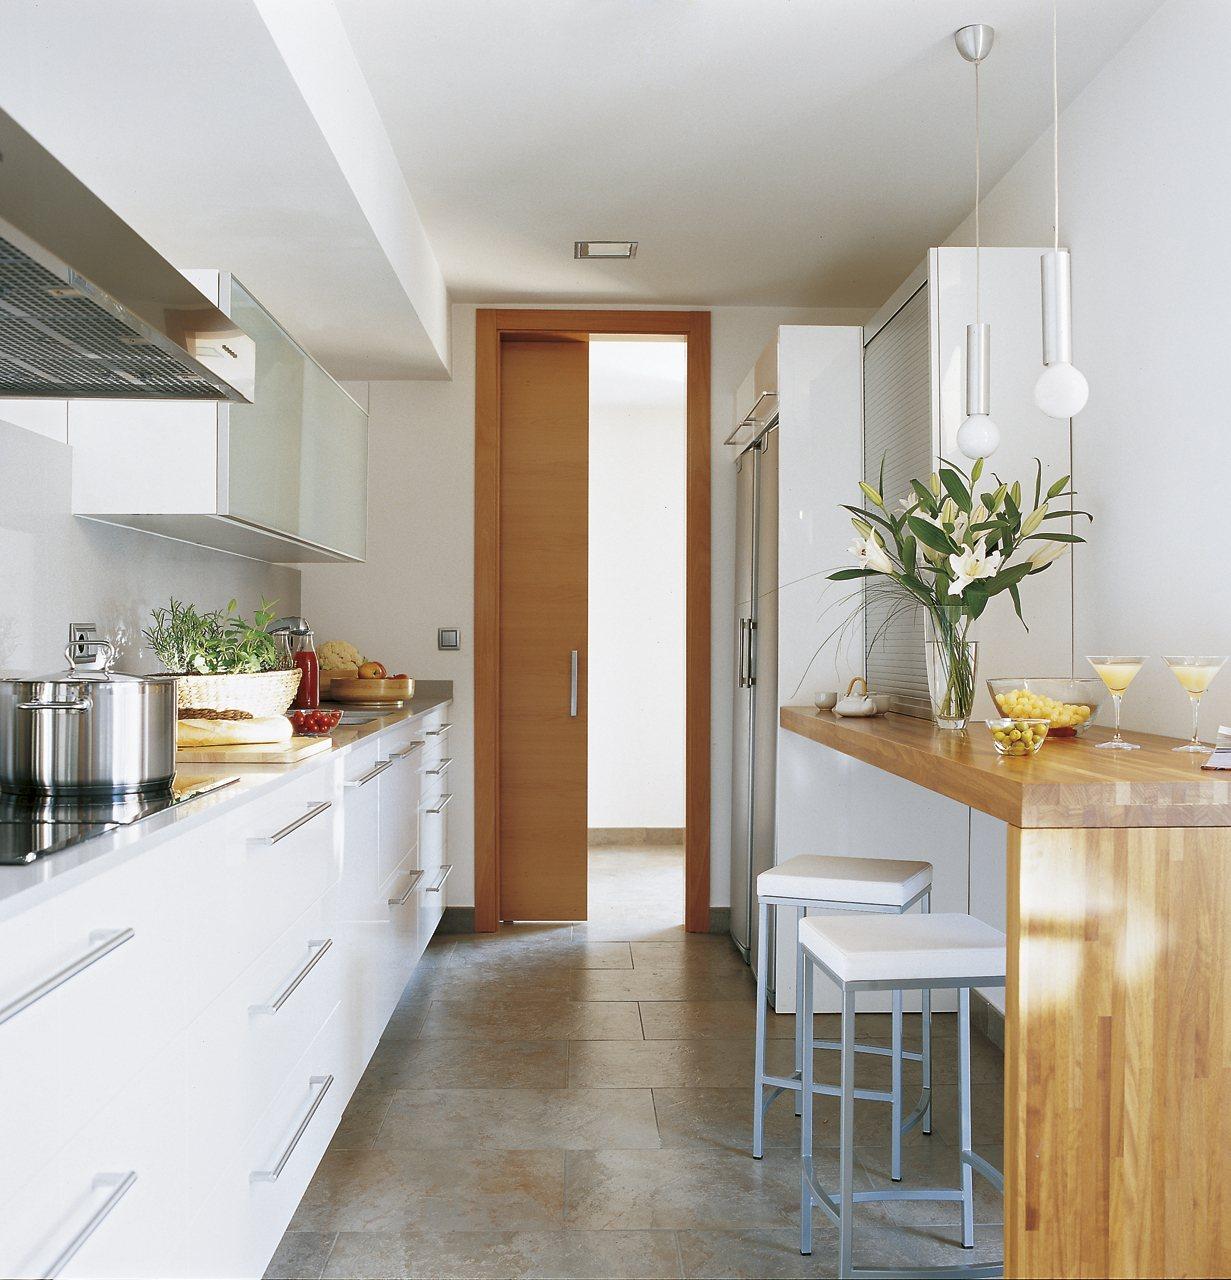 Cocinas pequeñas... ¡con ideas!